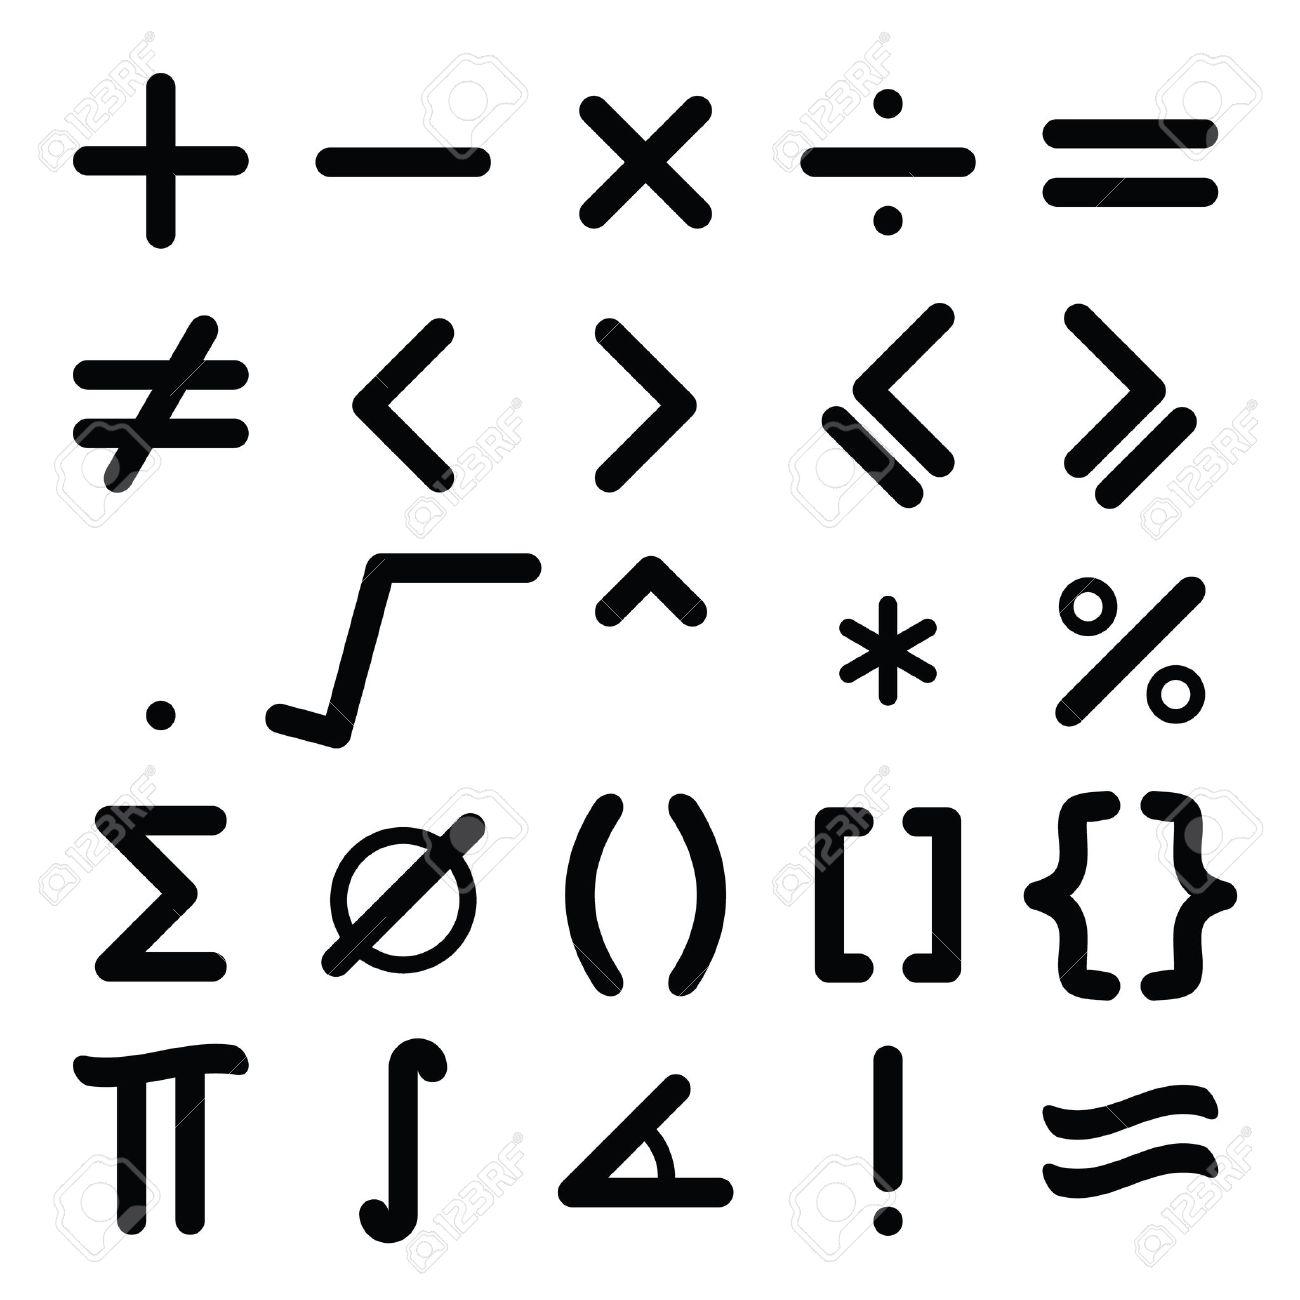 black mathematical symbol icon set on white background royalty free